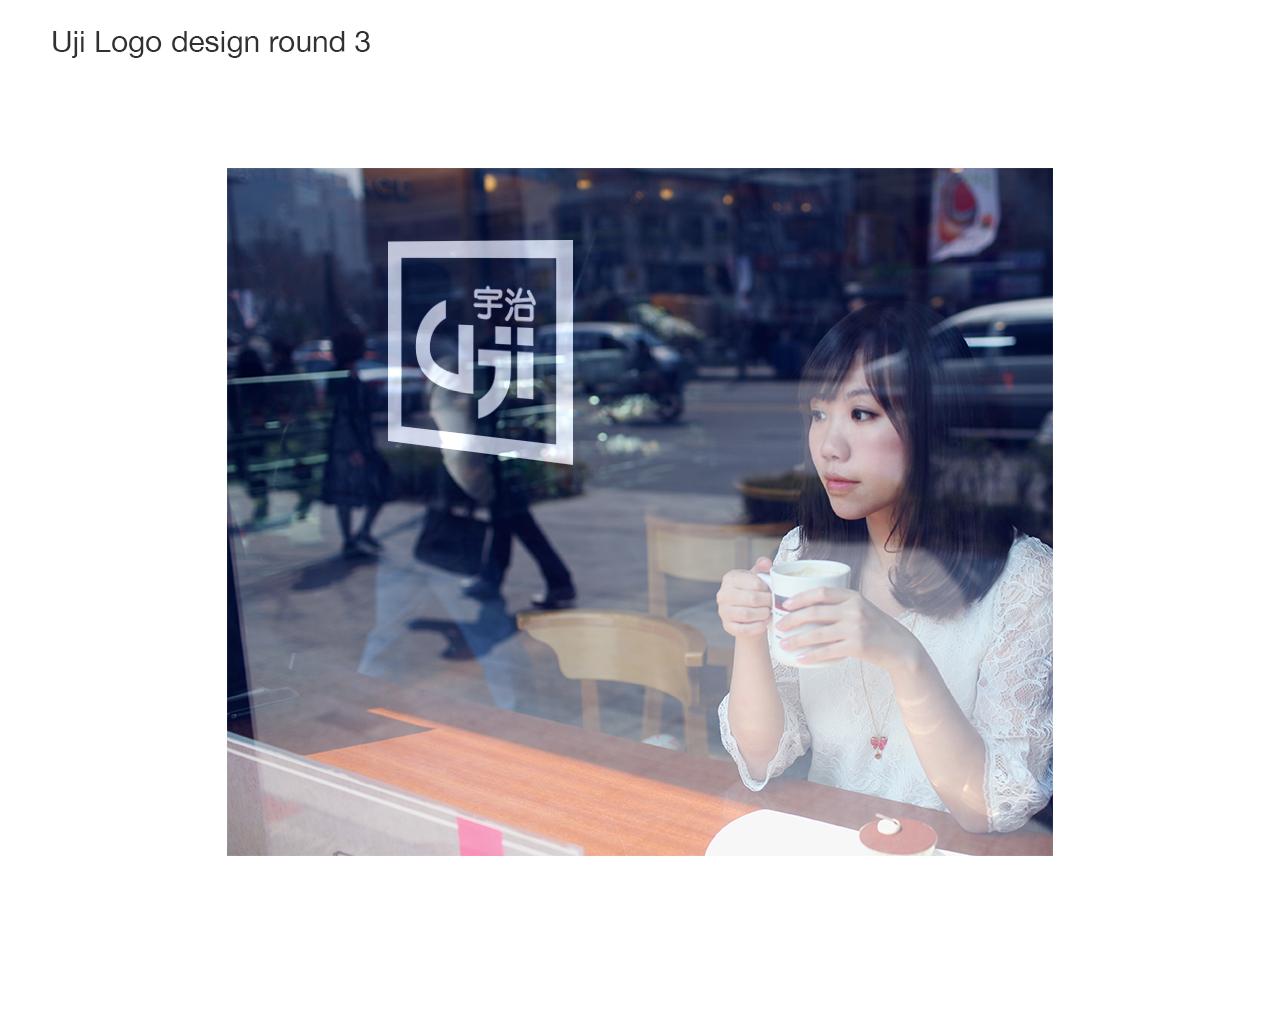 uji_logo_design_r3_page5